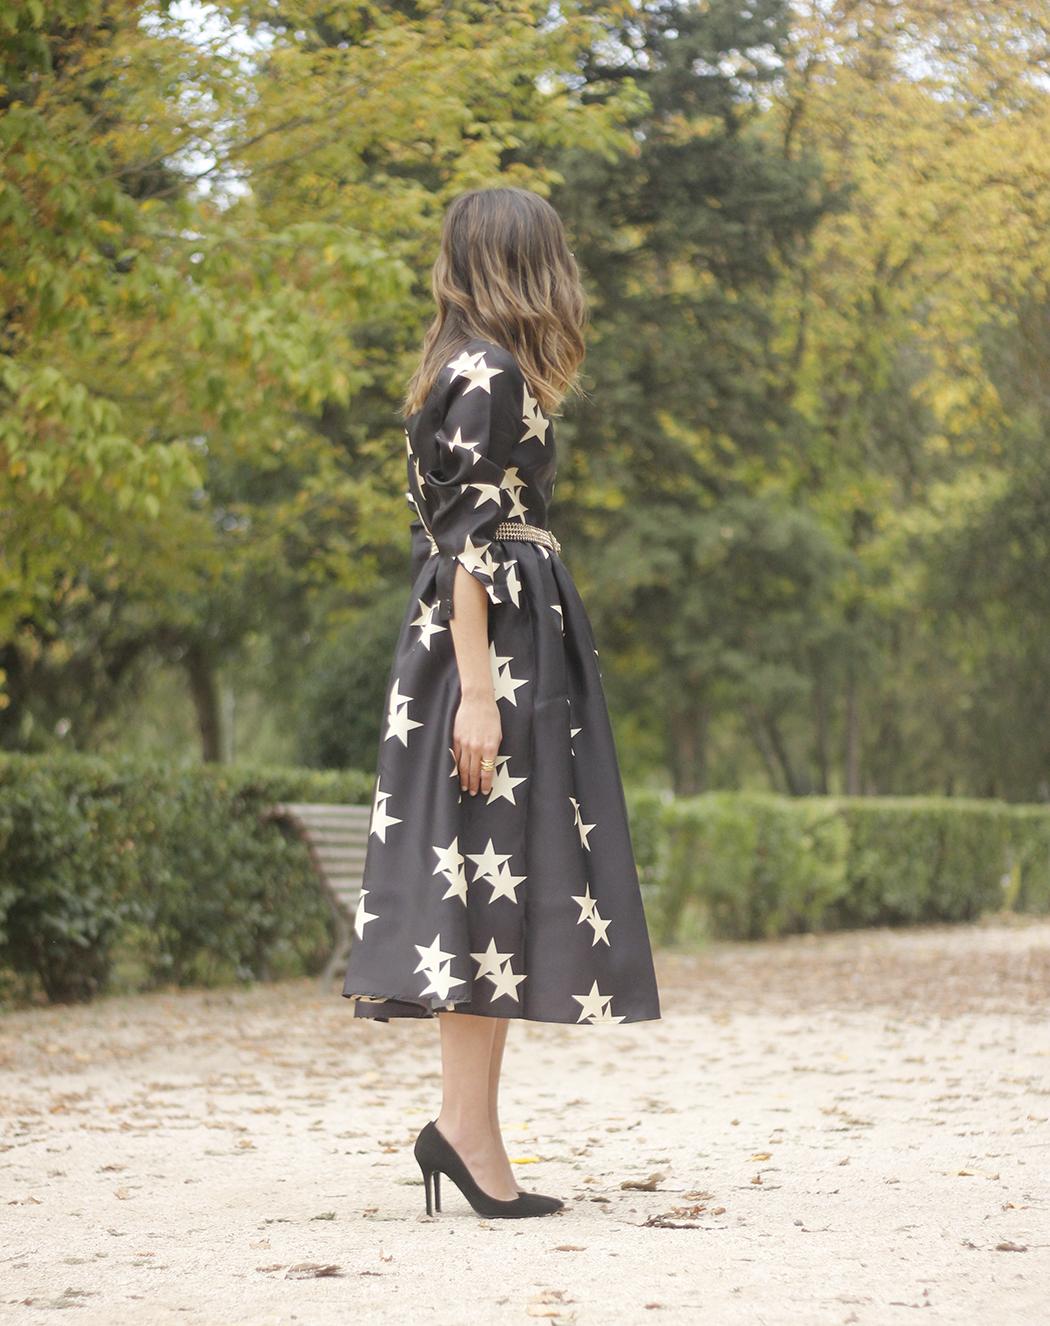 Star Print Dress sunnies heels outfit09